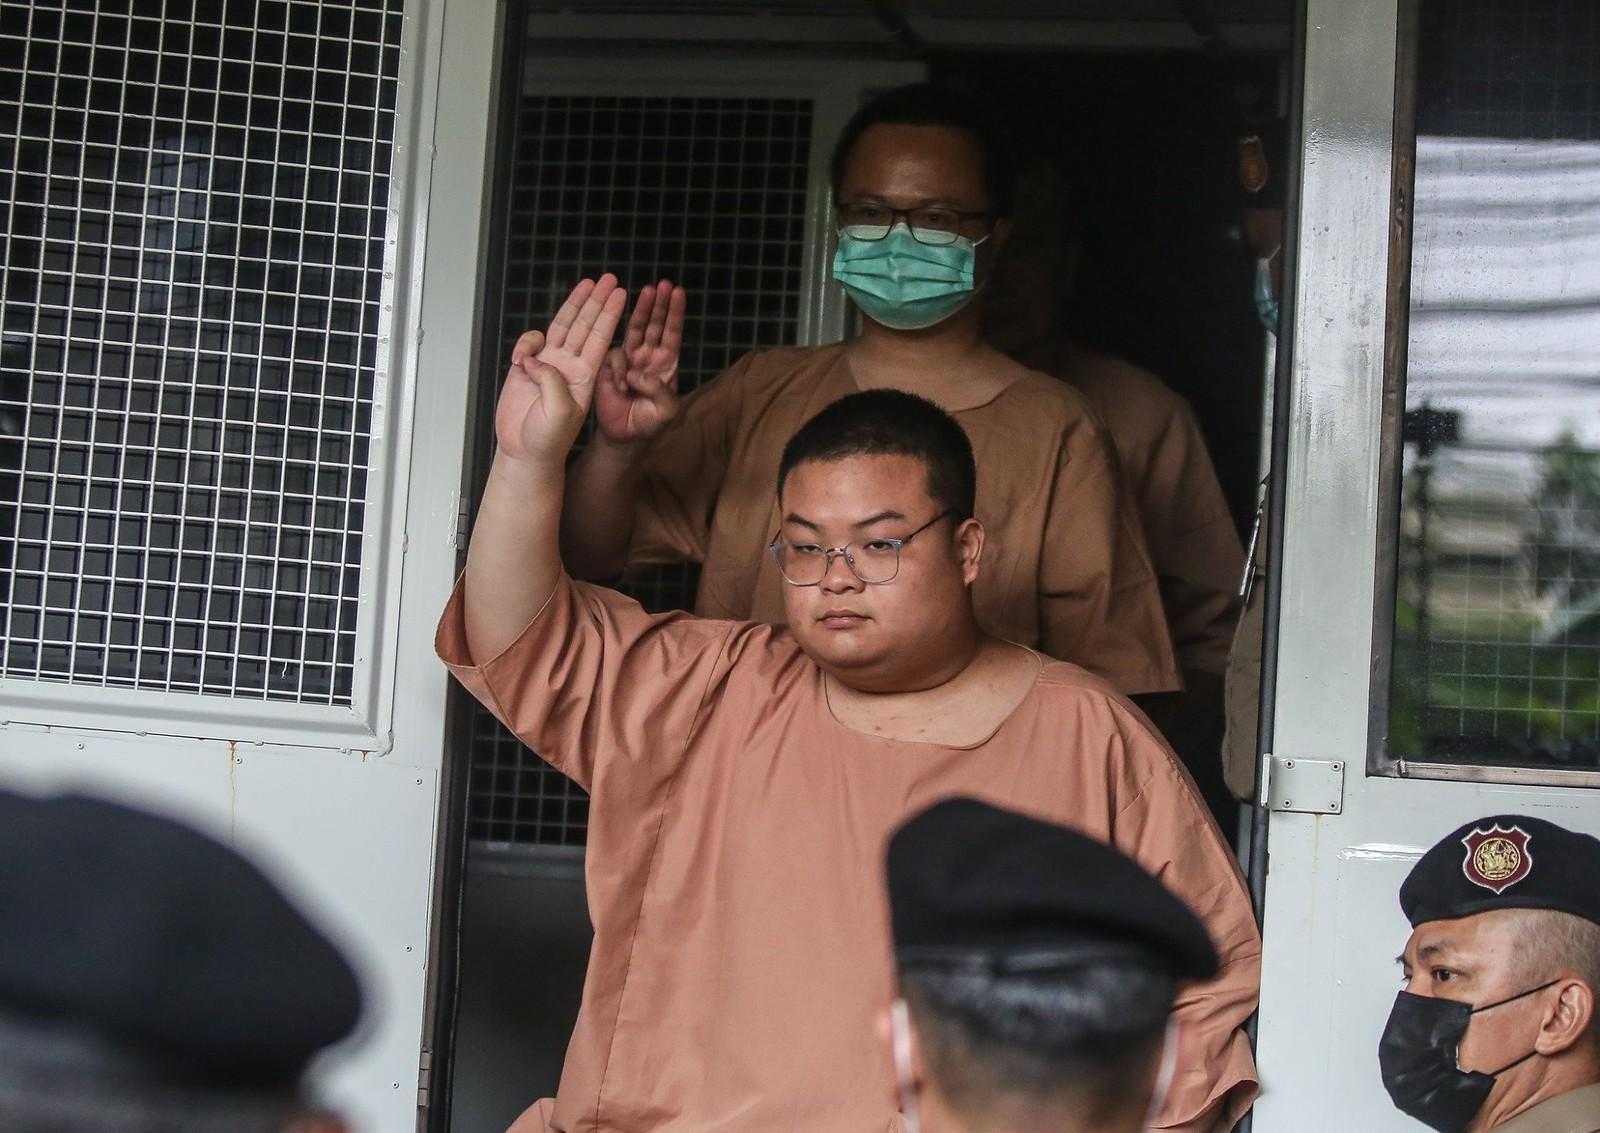 เพนกวิน' ประกาศต่อศาลอดข้าวประท้วงจนกว่าจะให้ประกัน ศาลสั่งพิจารณาลับรอบบ่าย | ประชาไท Prachatai.com